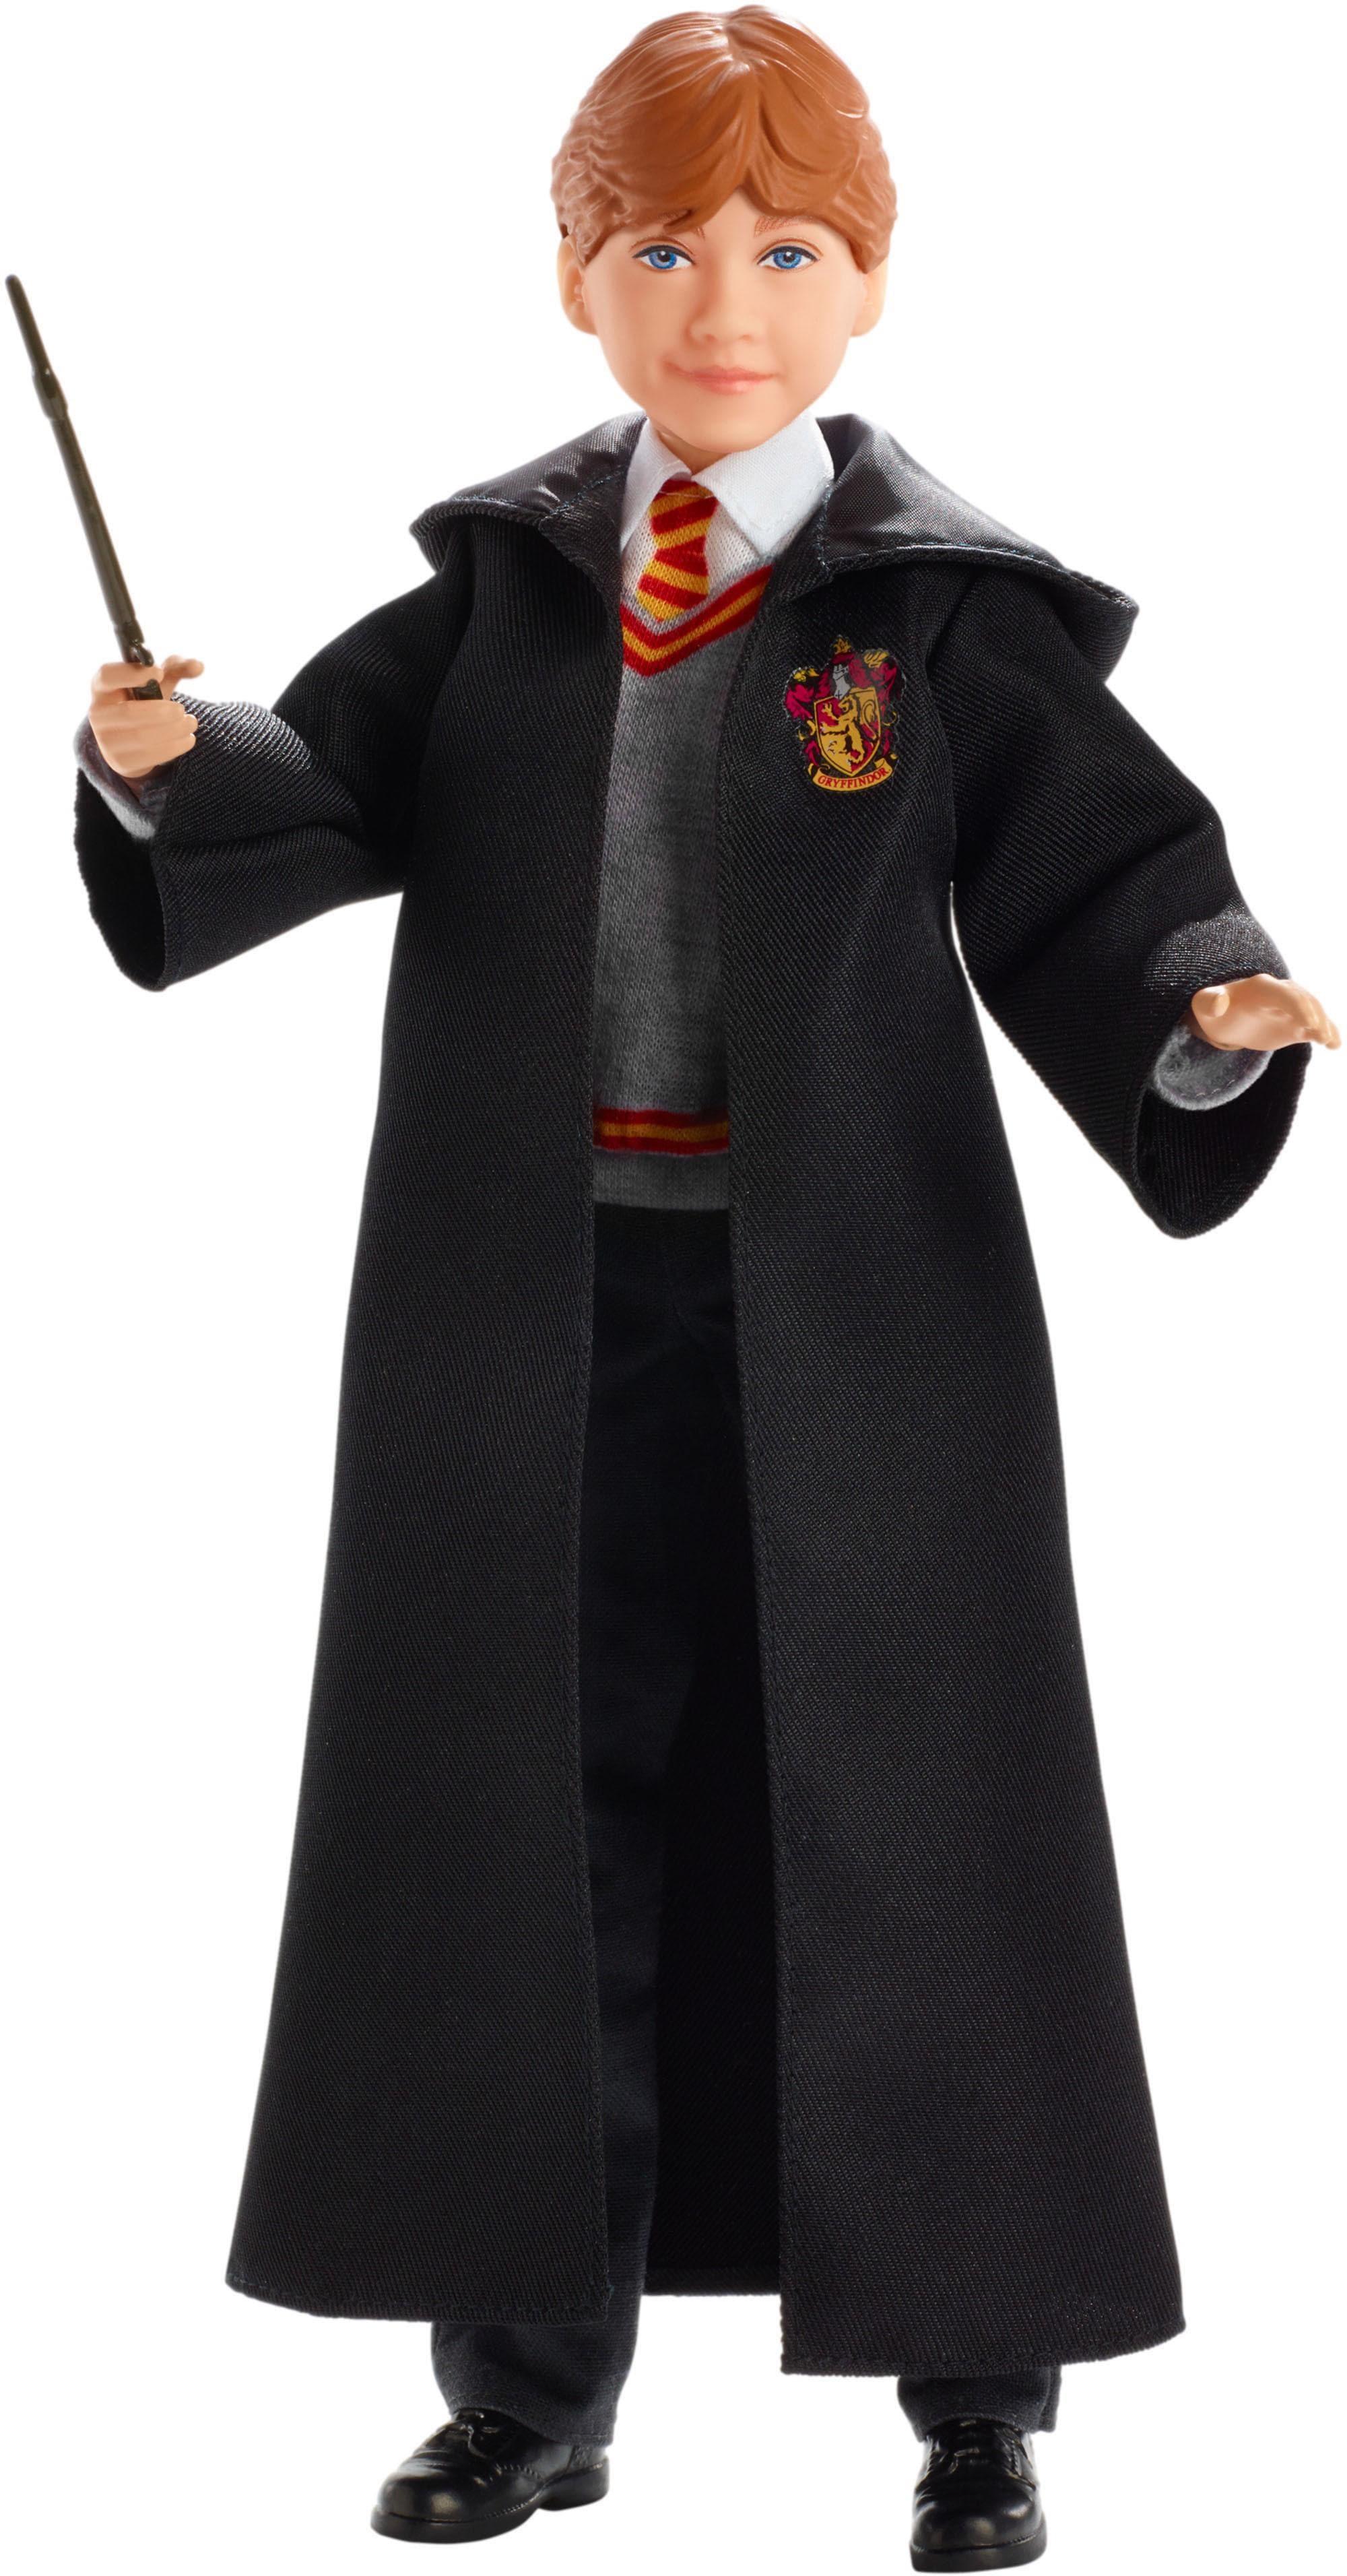 Mattel Puppe, »Harry Potter und Die Kammer des Schreckens - Ron Weasley« | Kinderzimmer > Spielzeuge > Puppen | Mehrfarbig | MATTEL